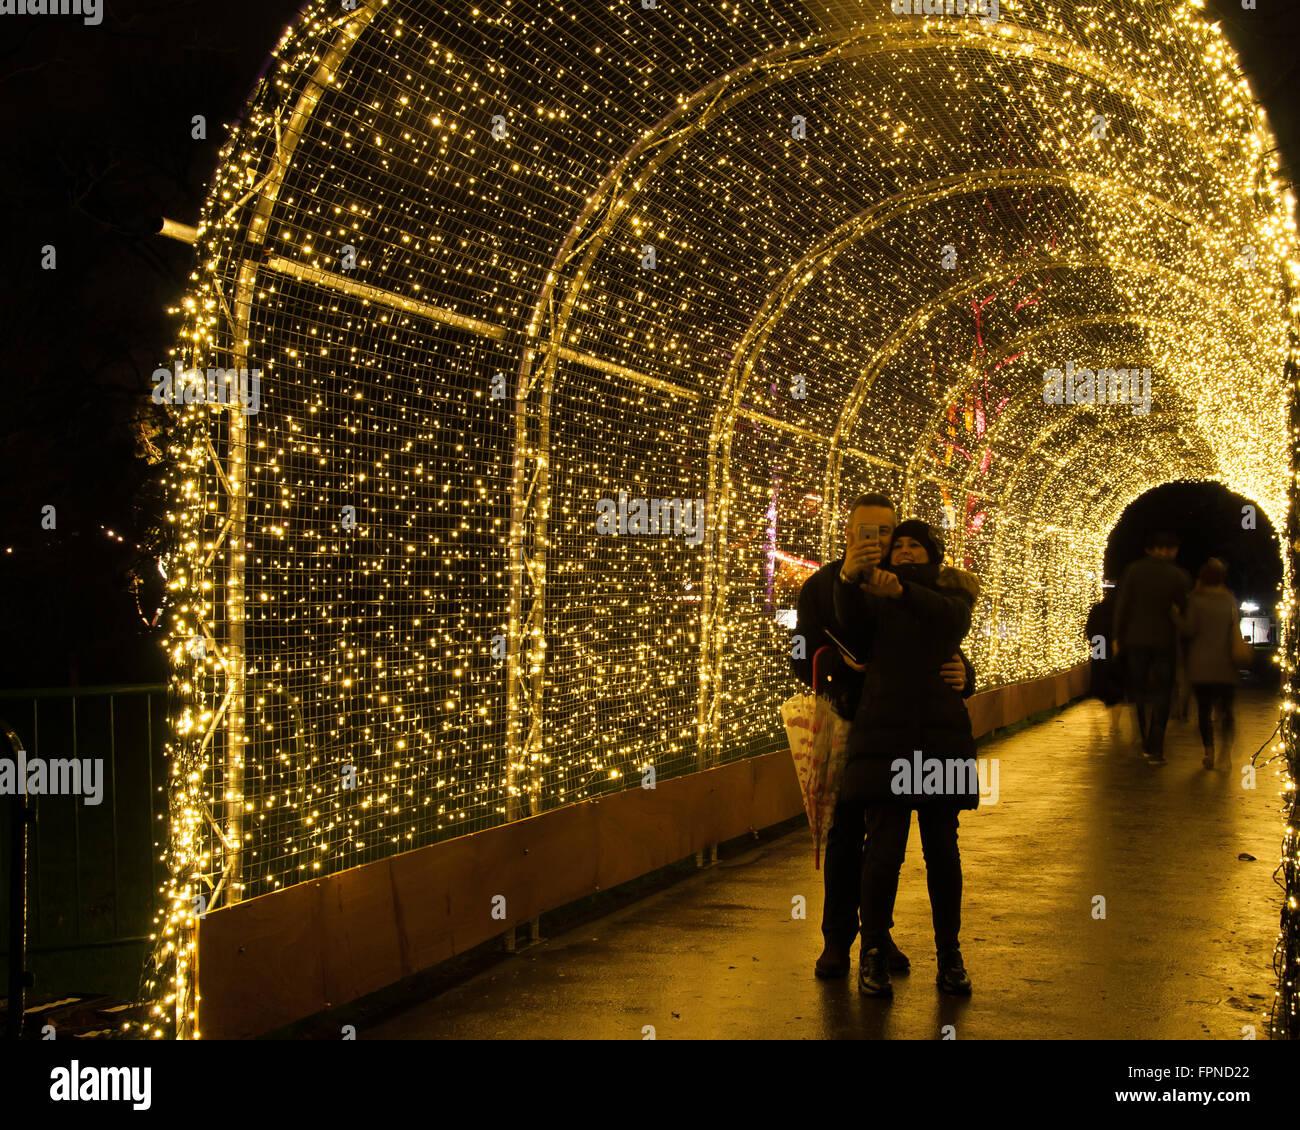 Couple In Love Taking Selfie In Tunnel Of Lights Seasonal